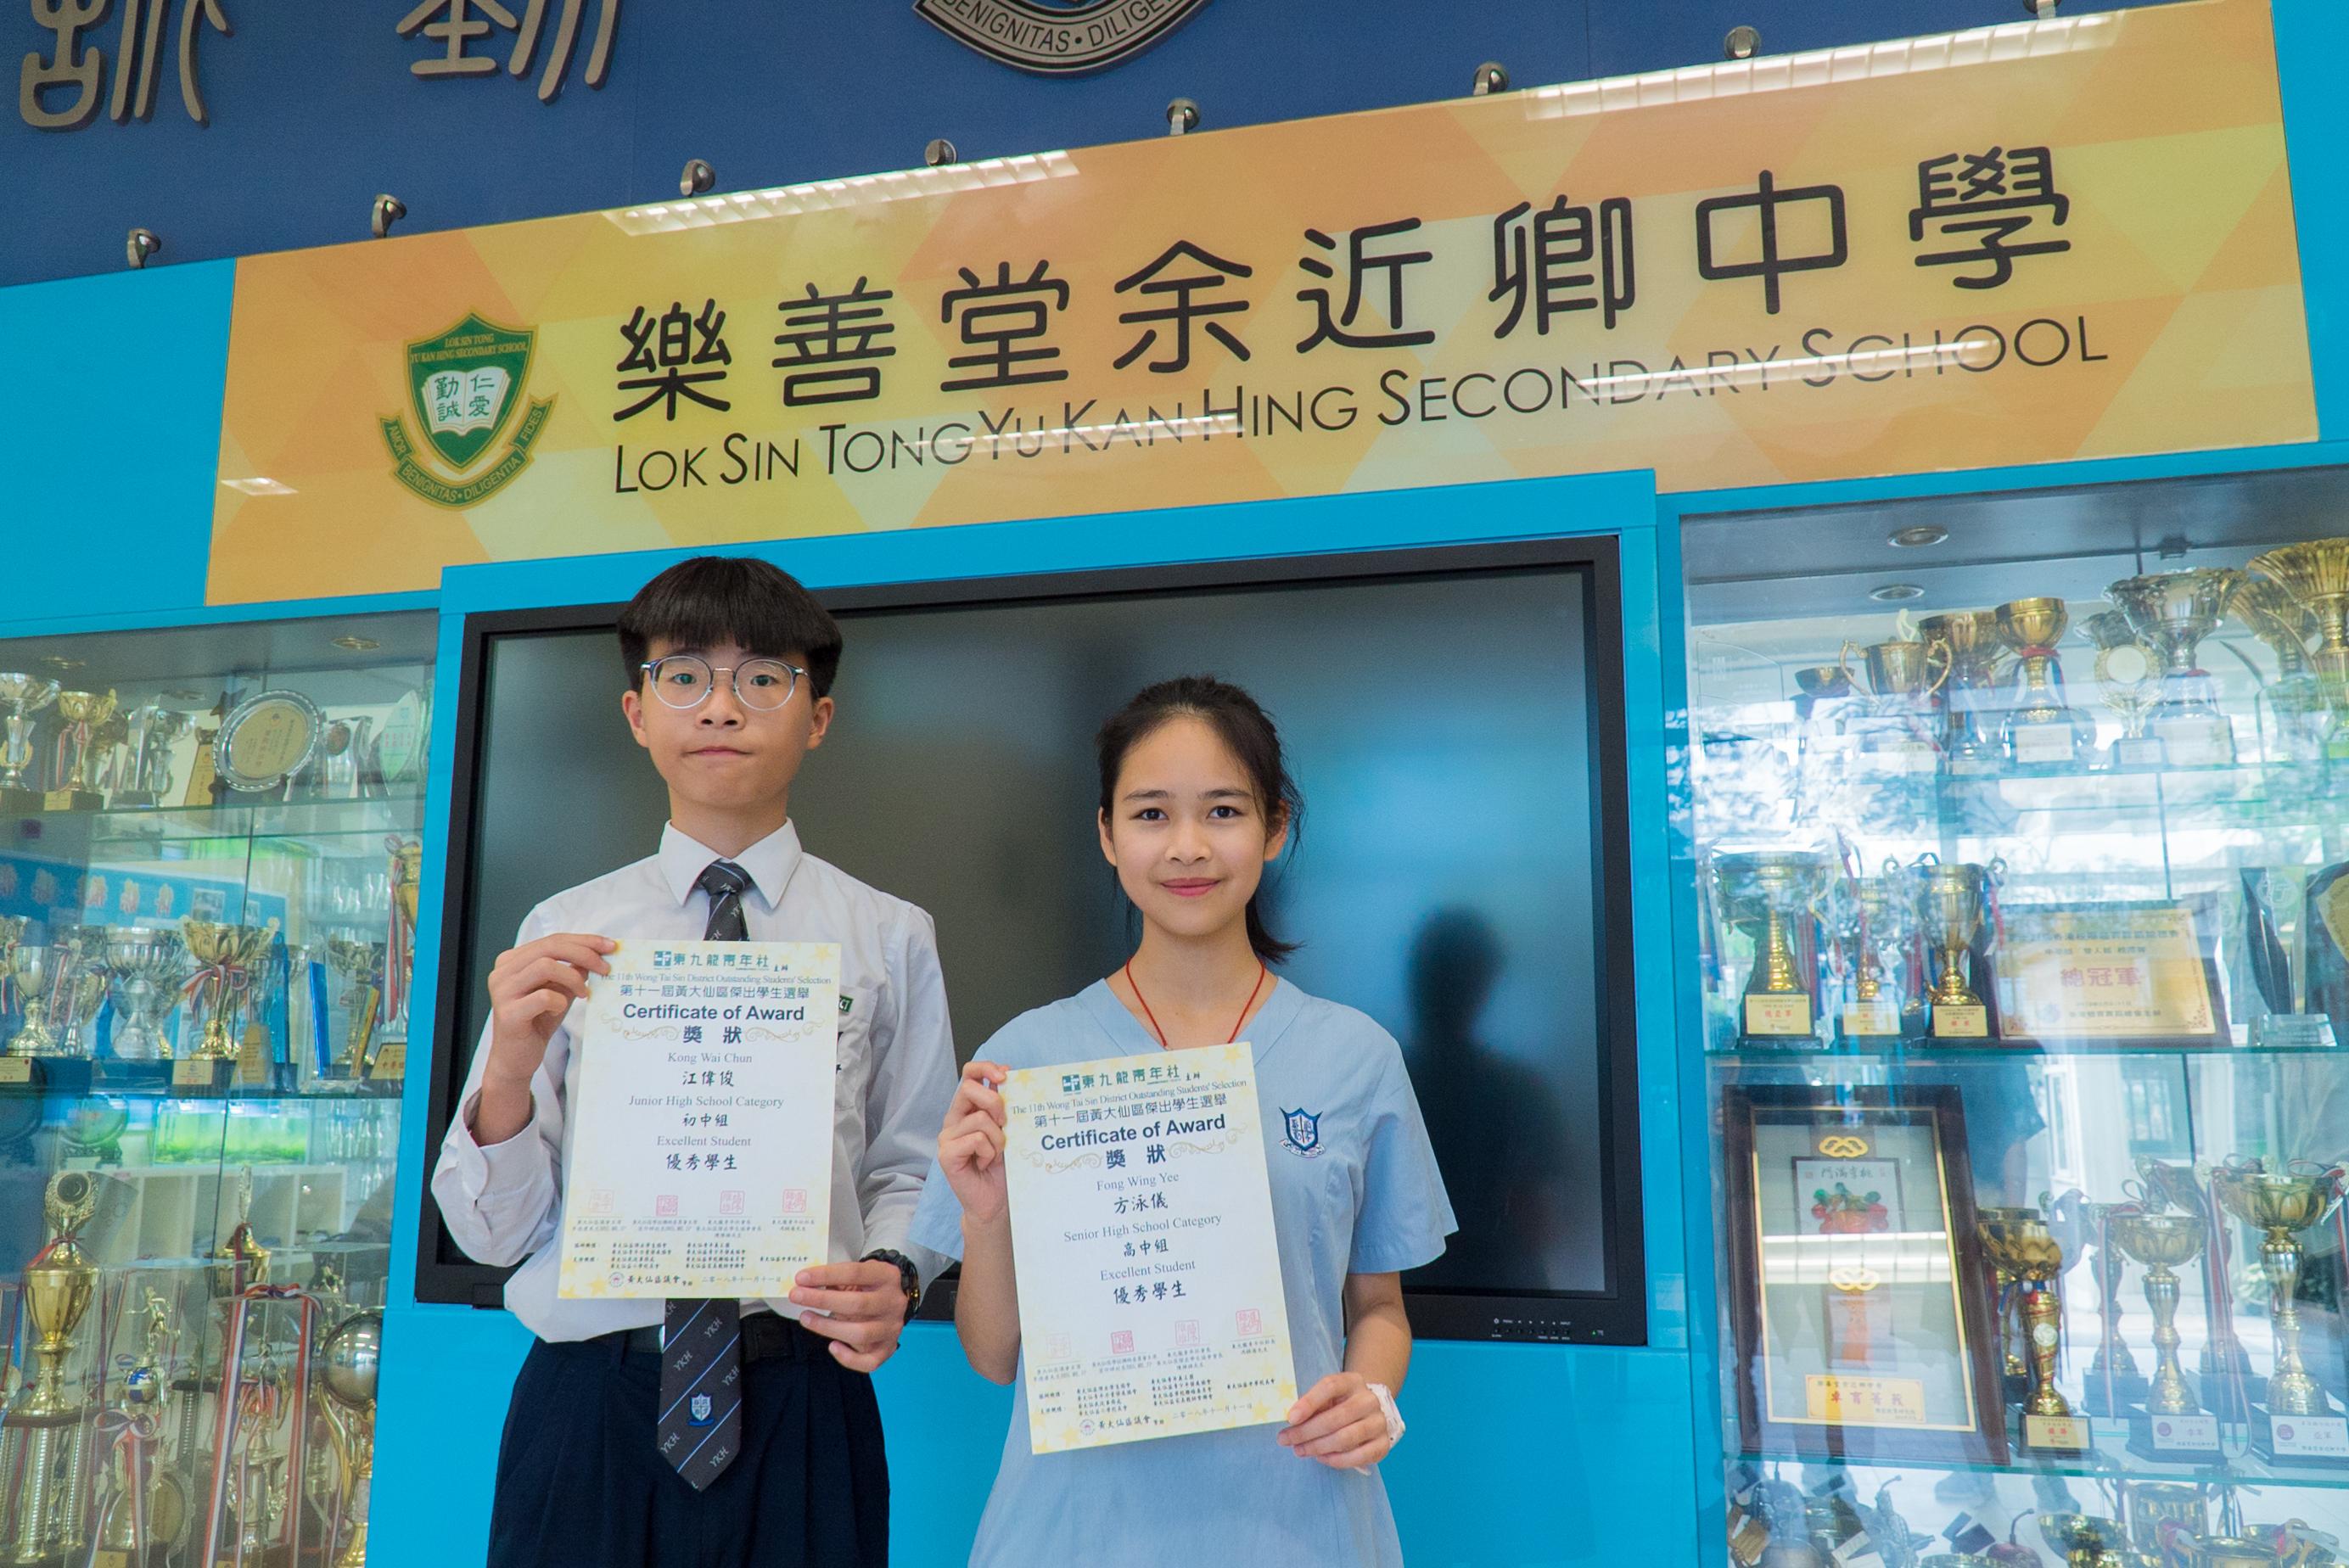 第十一屆黃大仙區傑出學生選舉頒獎禮